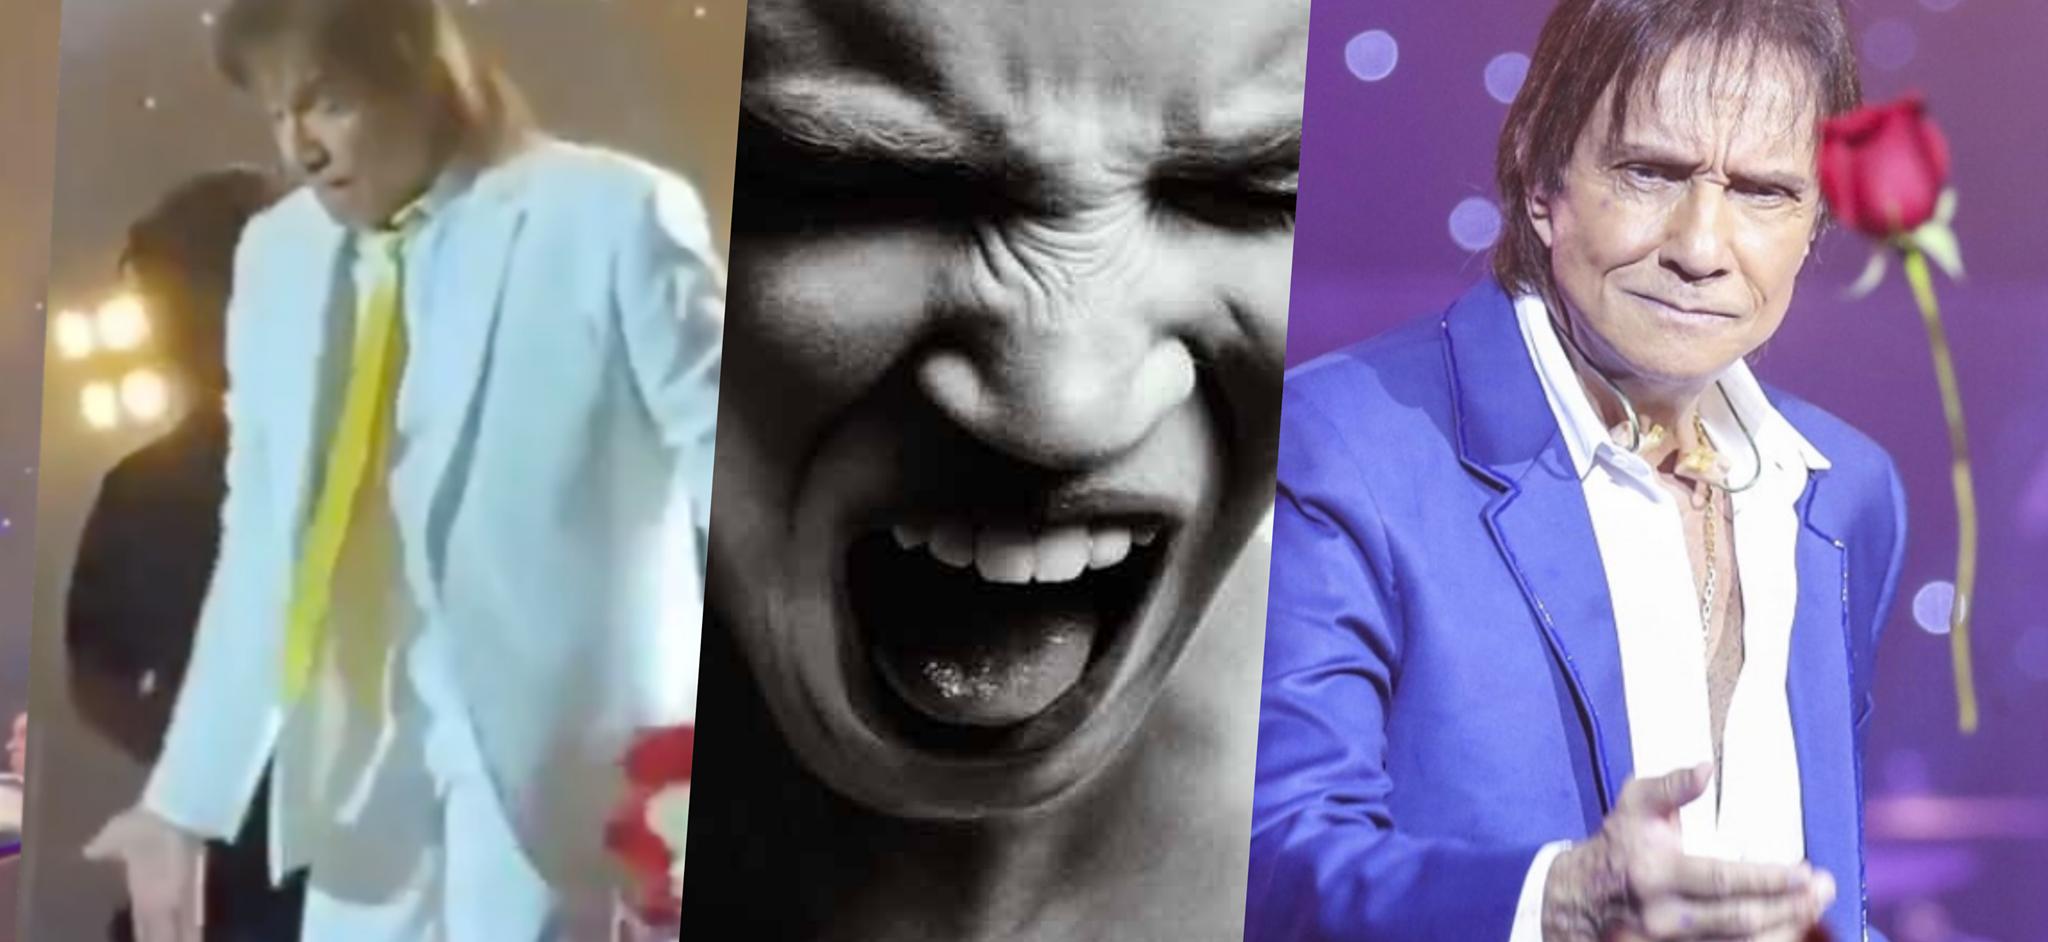 Com a relação com a Globo abalada e nervoso durante show, Roberto Carlos também foi acusado de ingratidão por famoso cantor (Montagem: TV Foco)